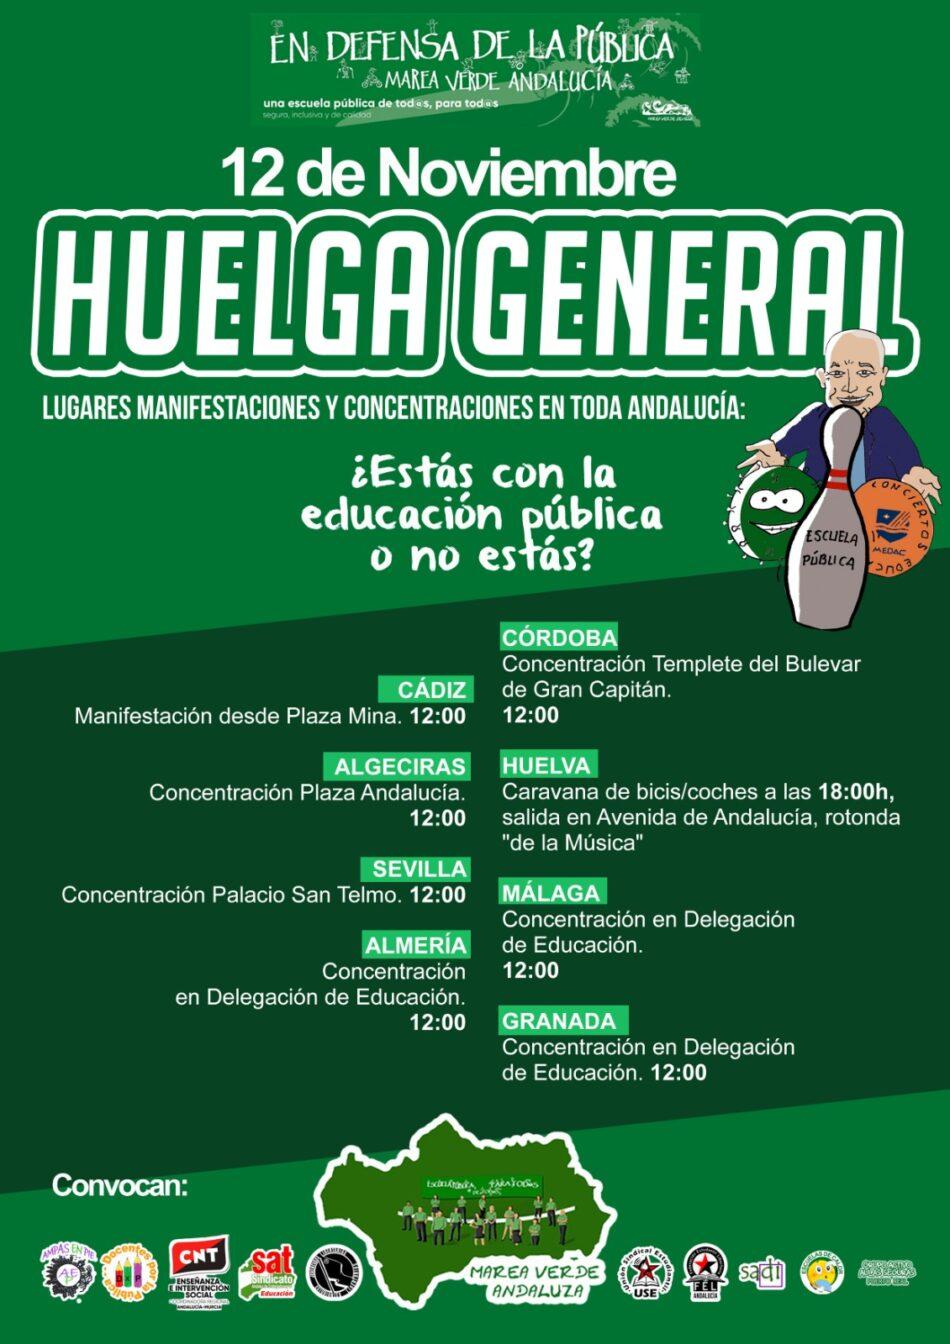 La comunidad educativa andaluza, llamada a la huelga general del sector el 12 de noviembre